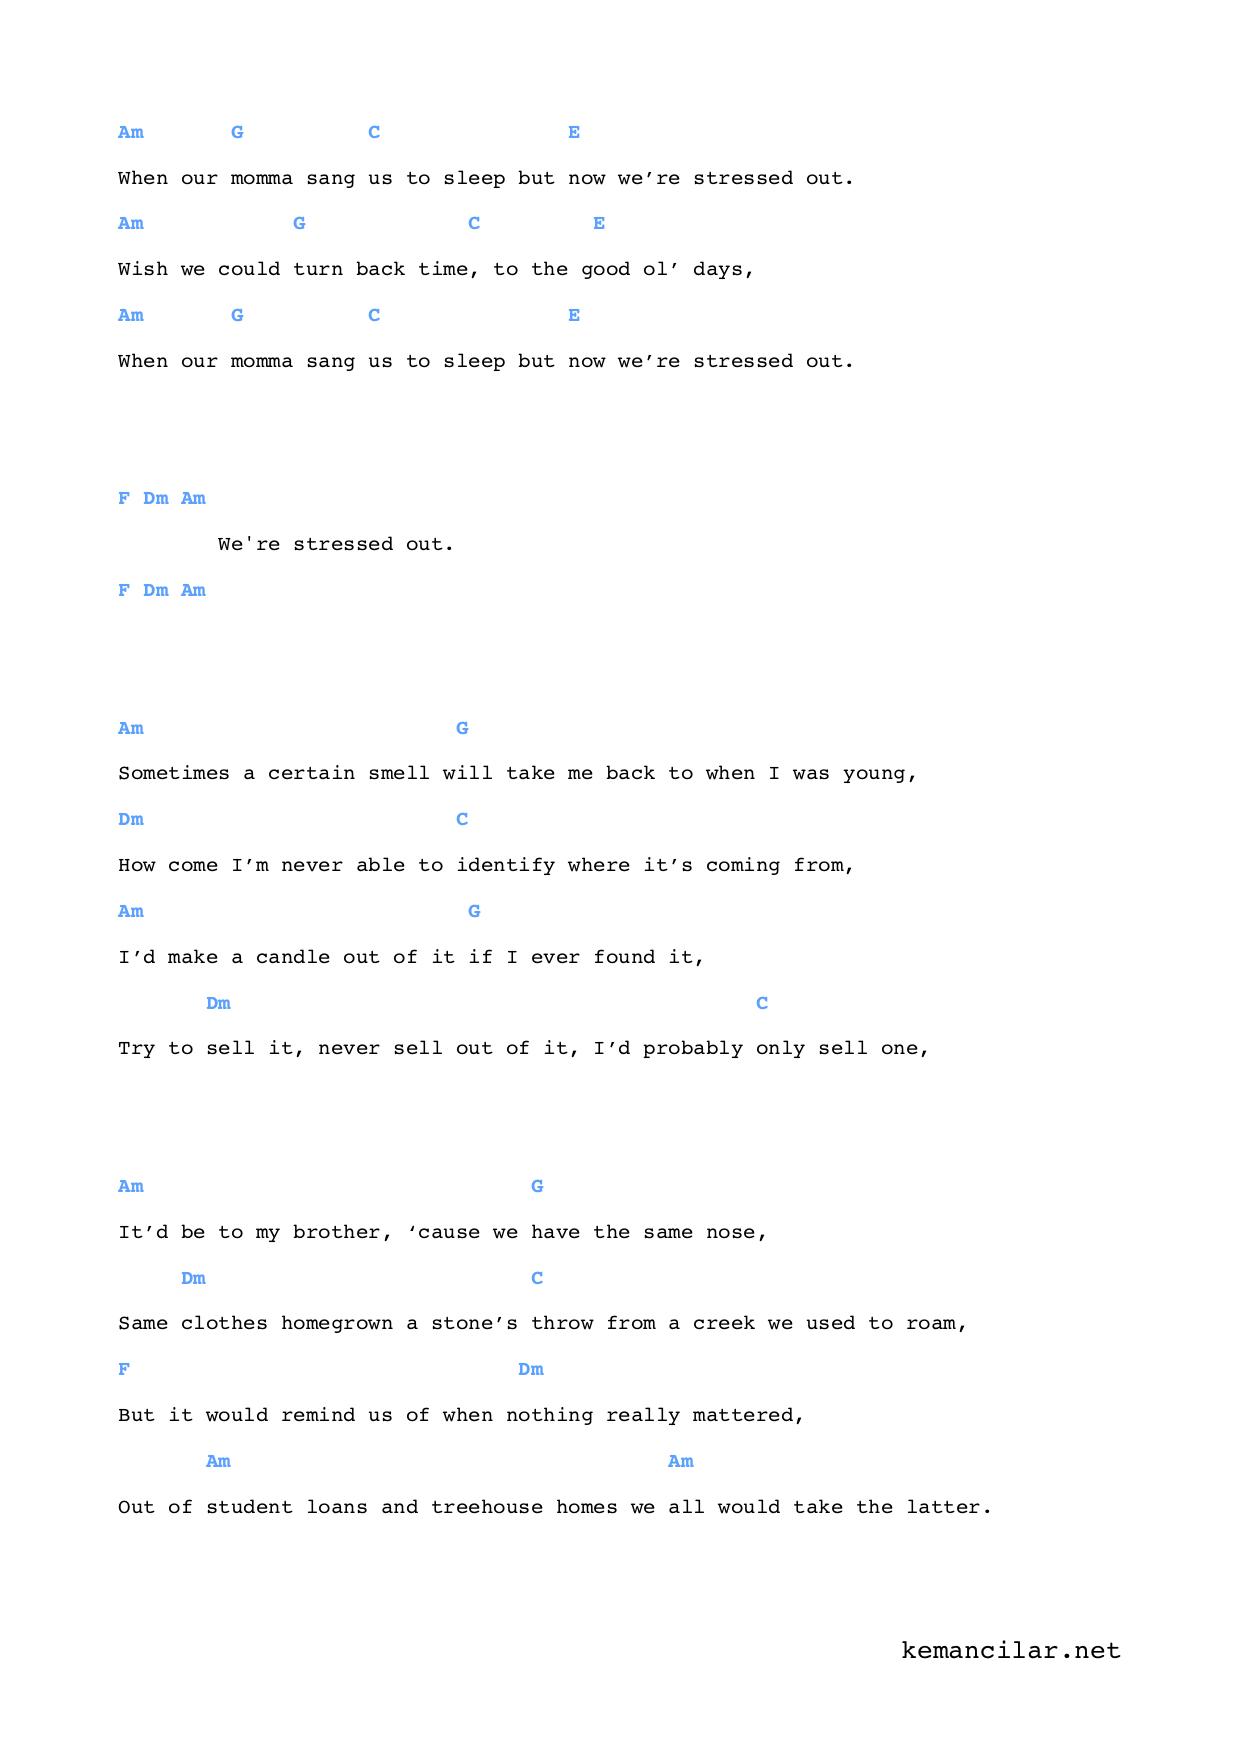 Twenty One Pilots Ukulele Chords Stressed Out Ukulele Chords Free Sheet Music